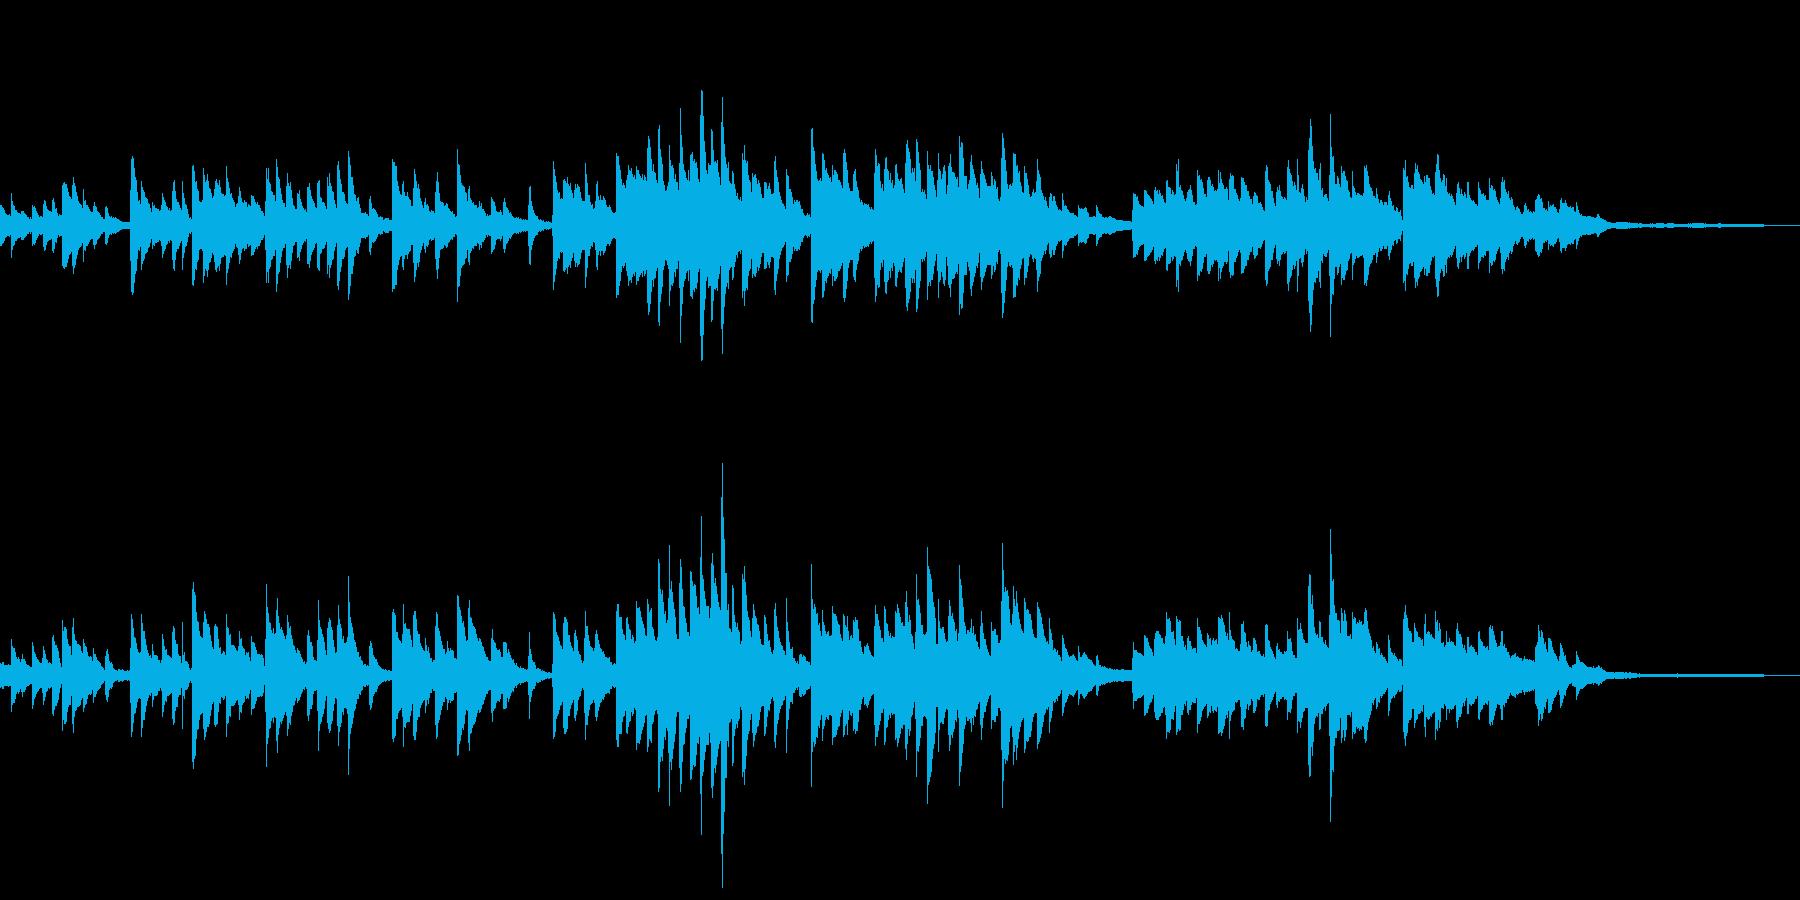 【ストリングス抜き】語り、回想シーンに合の再生済みの波形